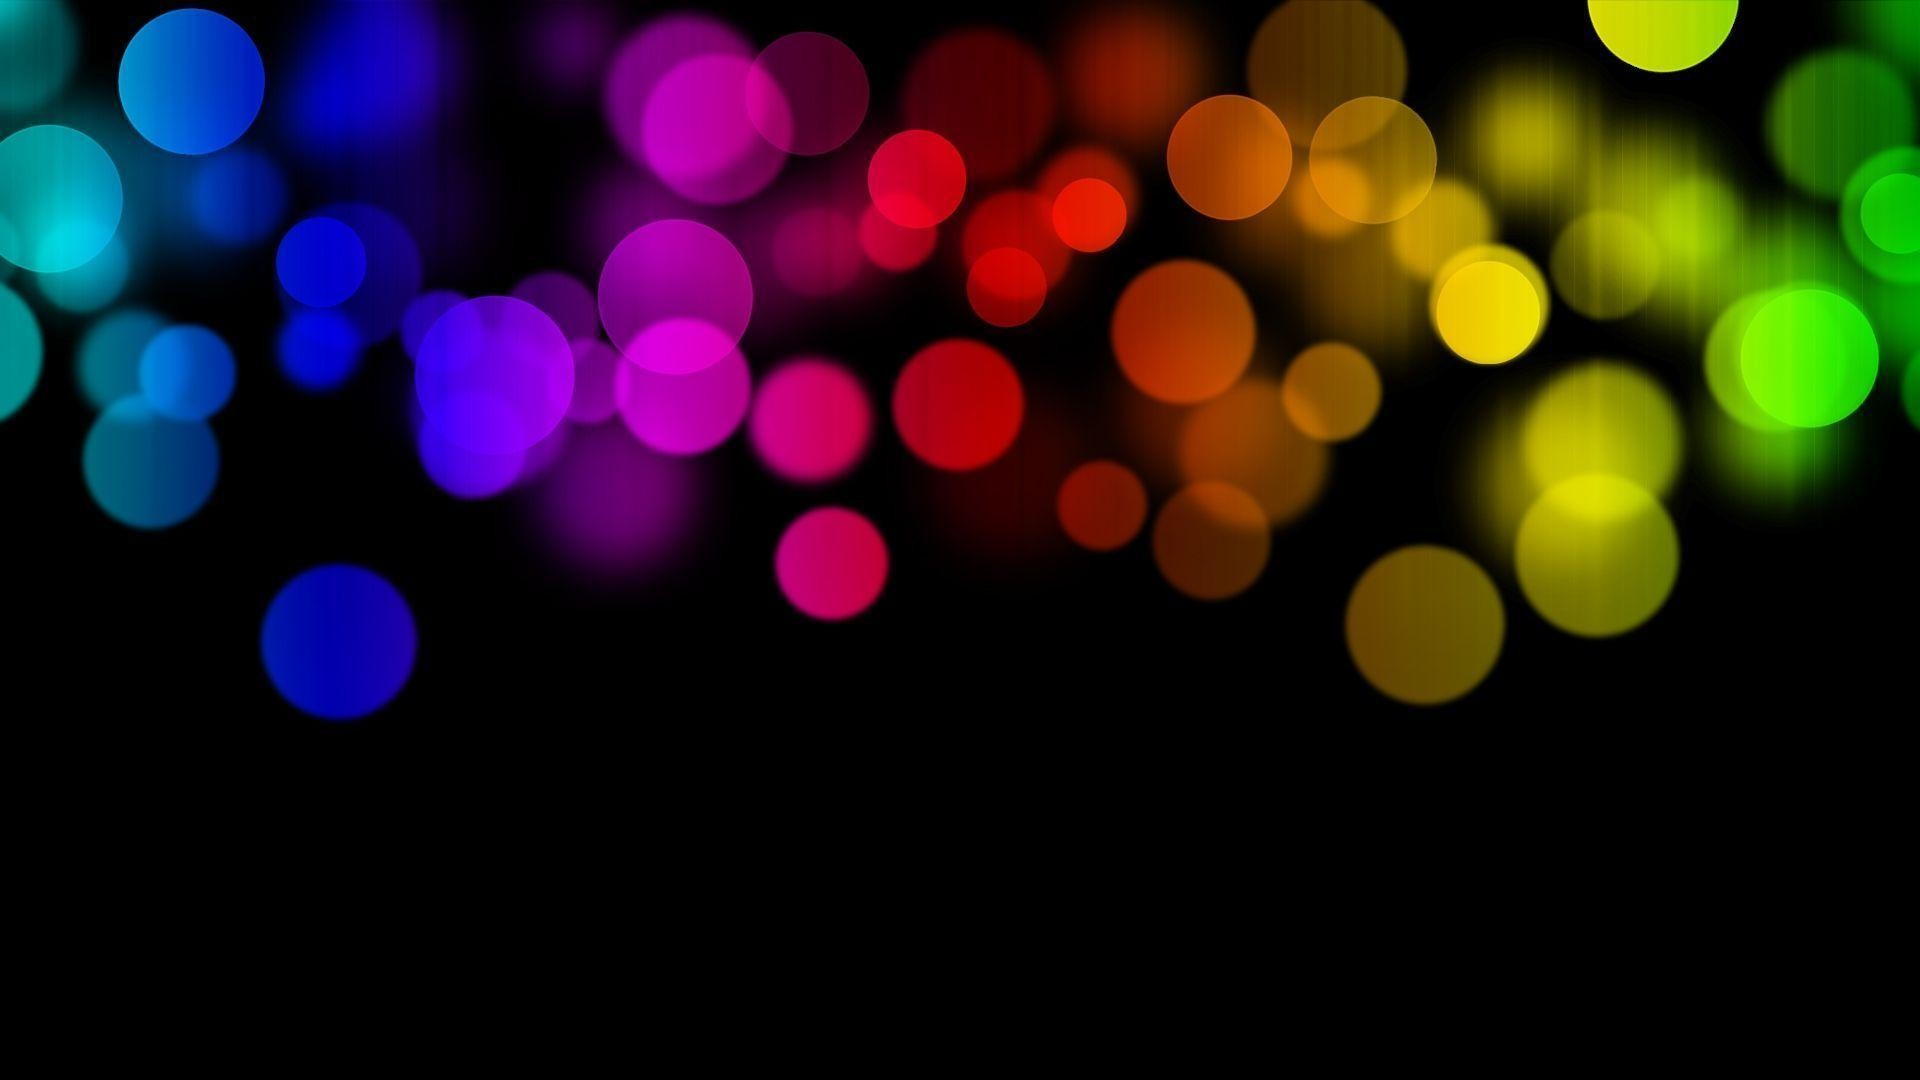 Circles Glare Bright Colored wallpaper #